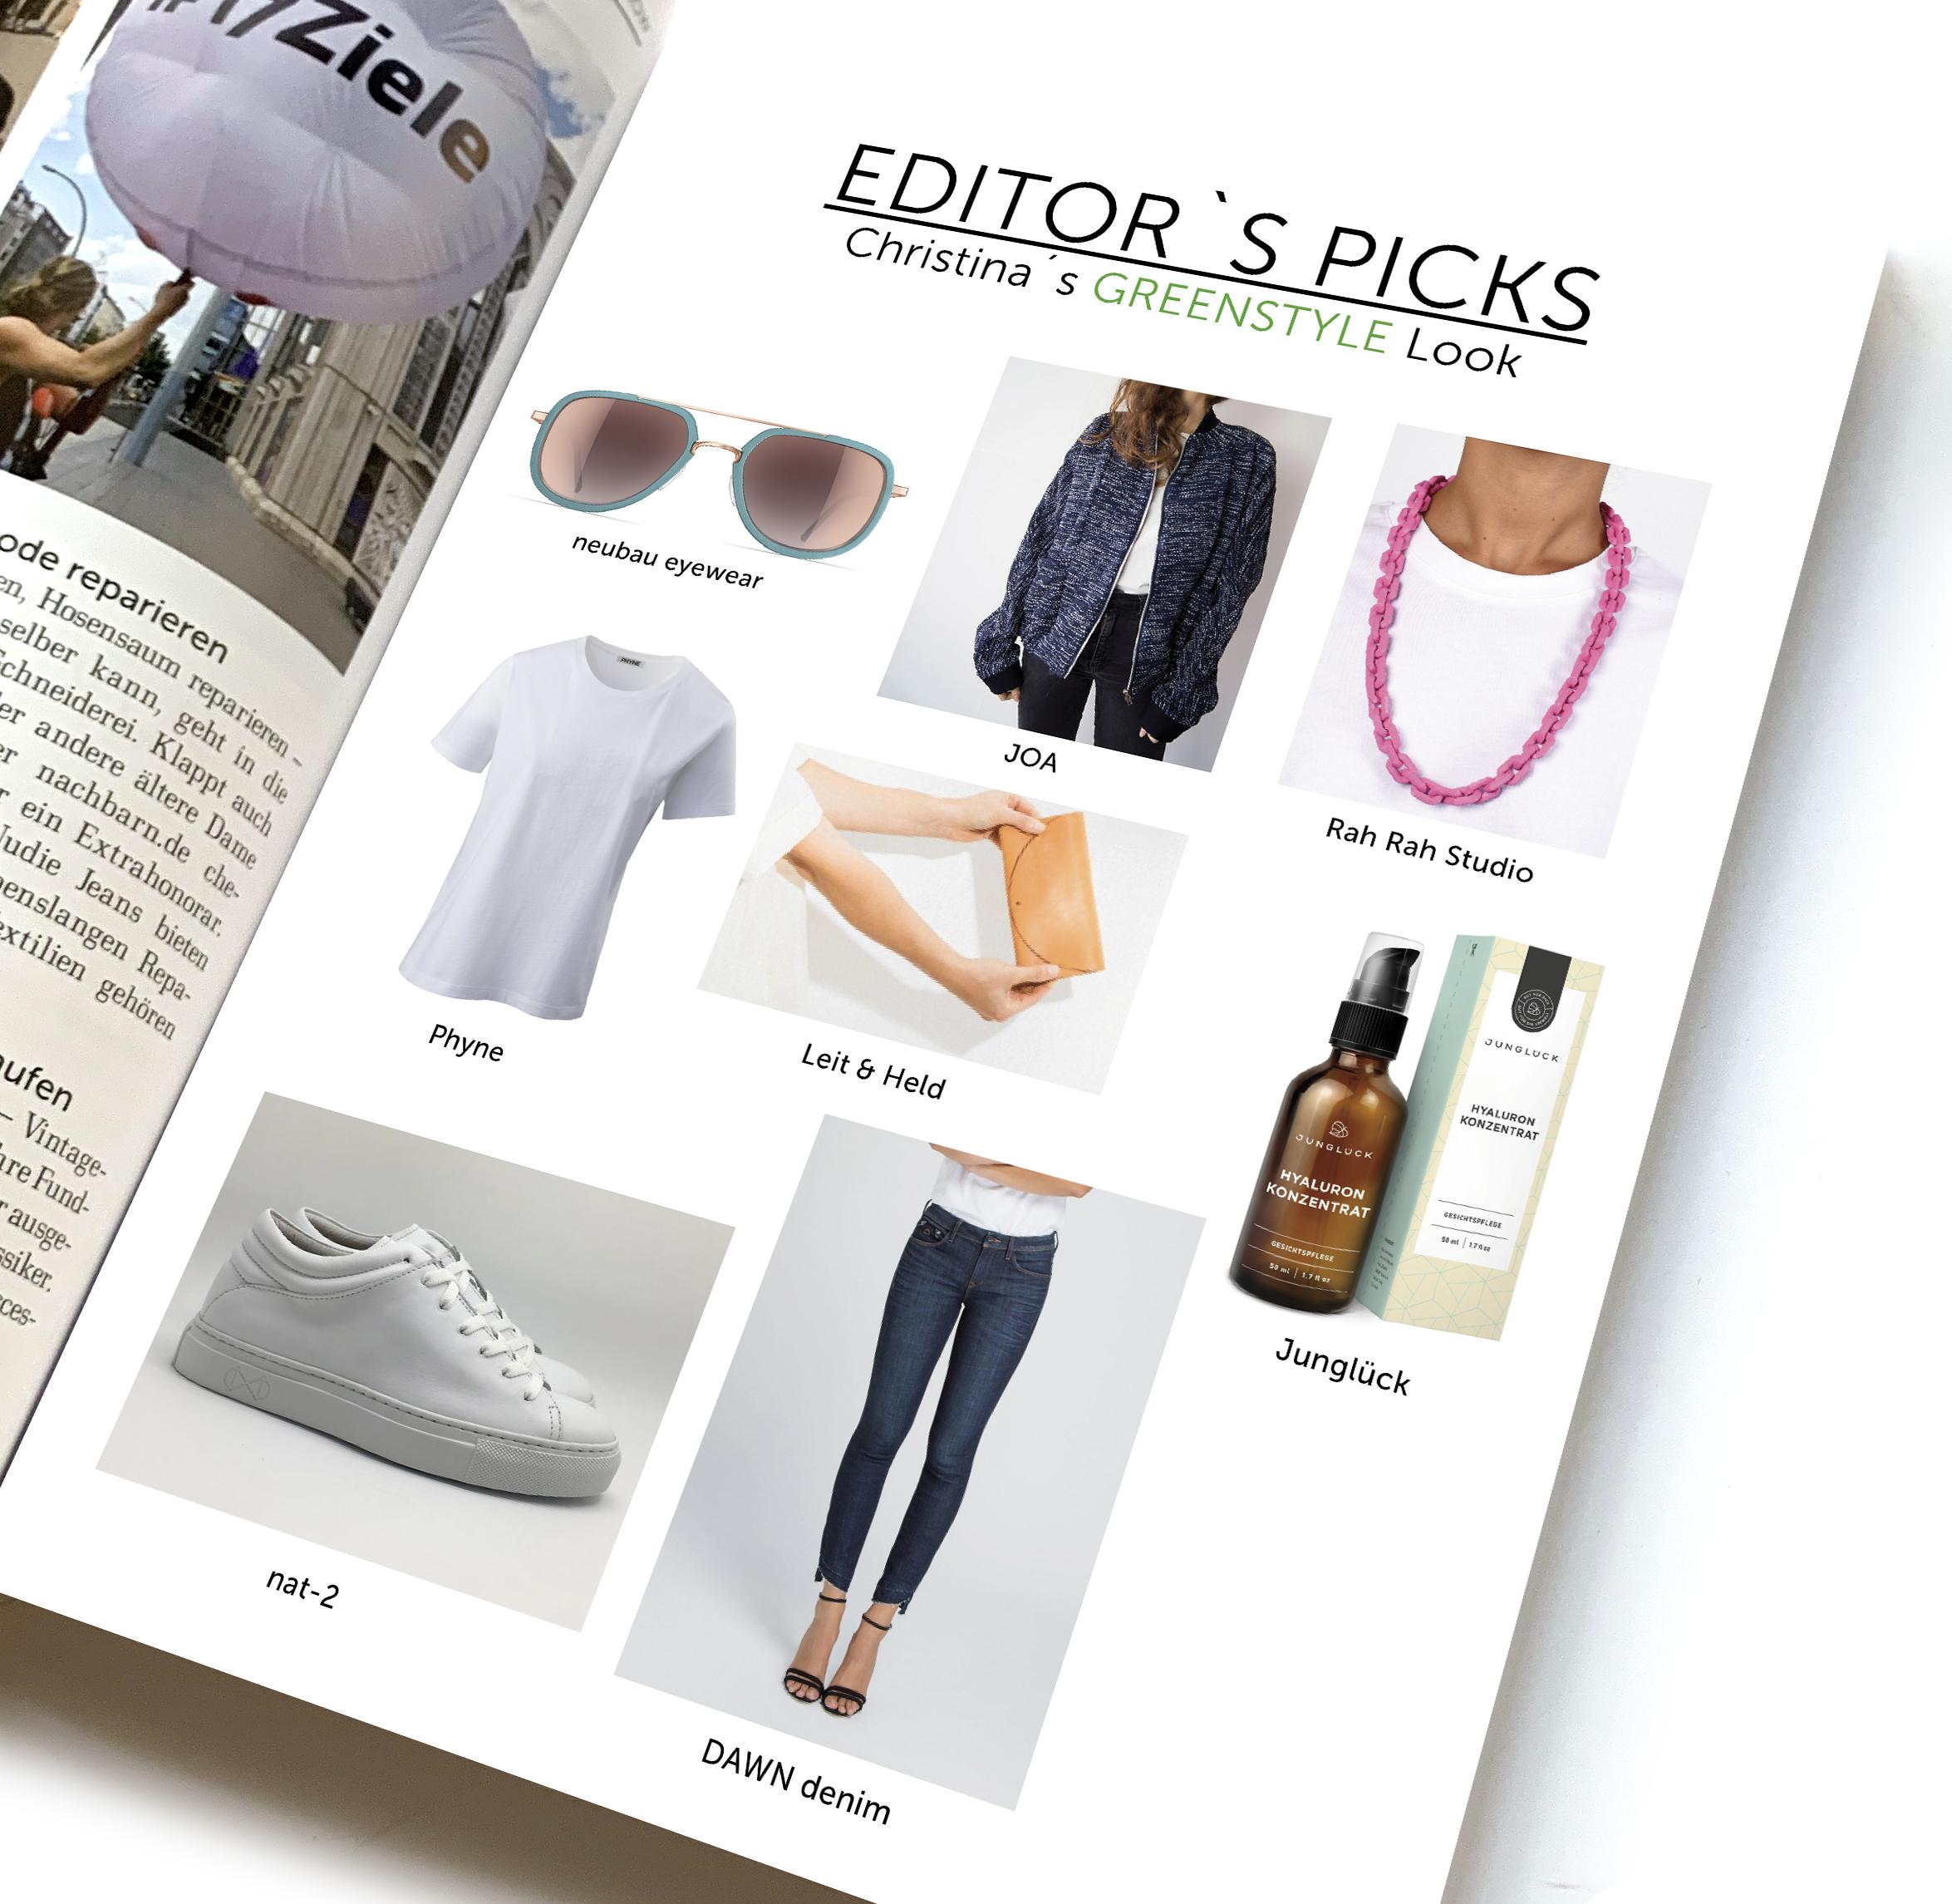 fair fashion editor's picks